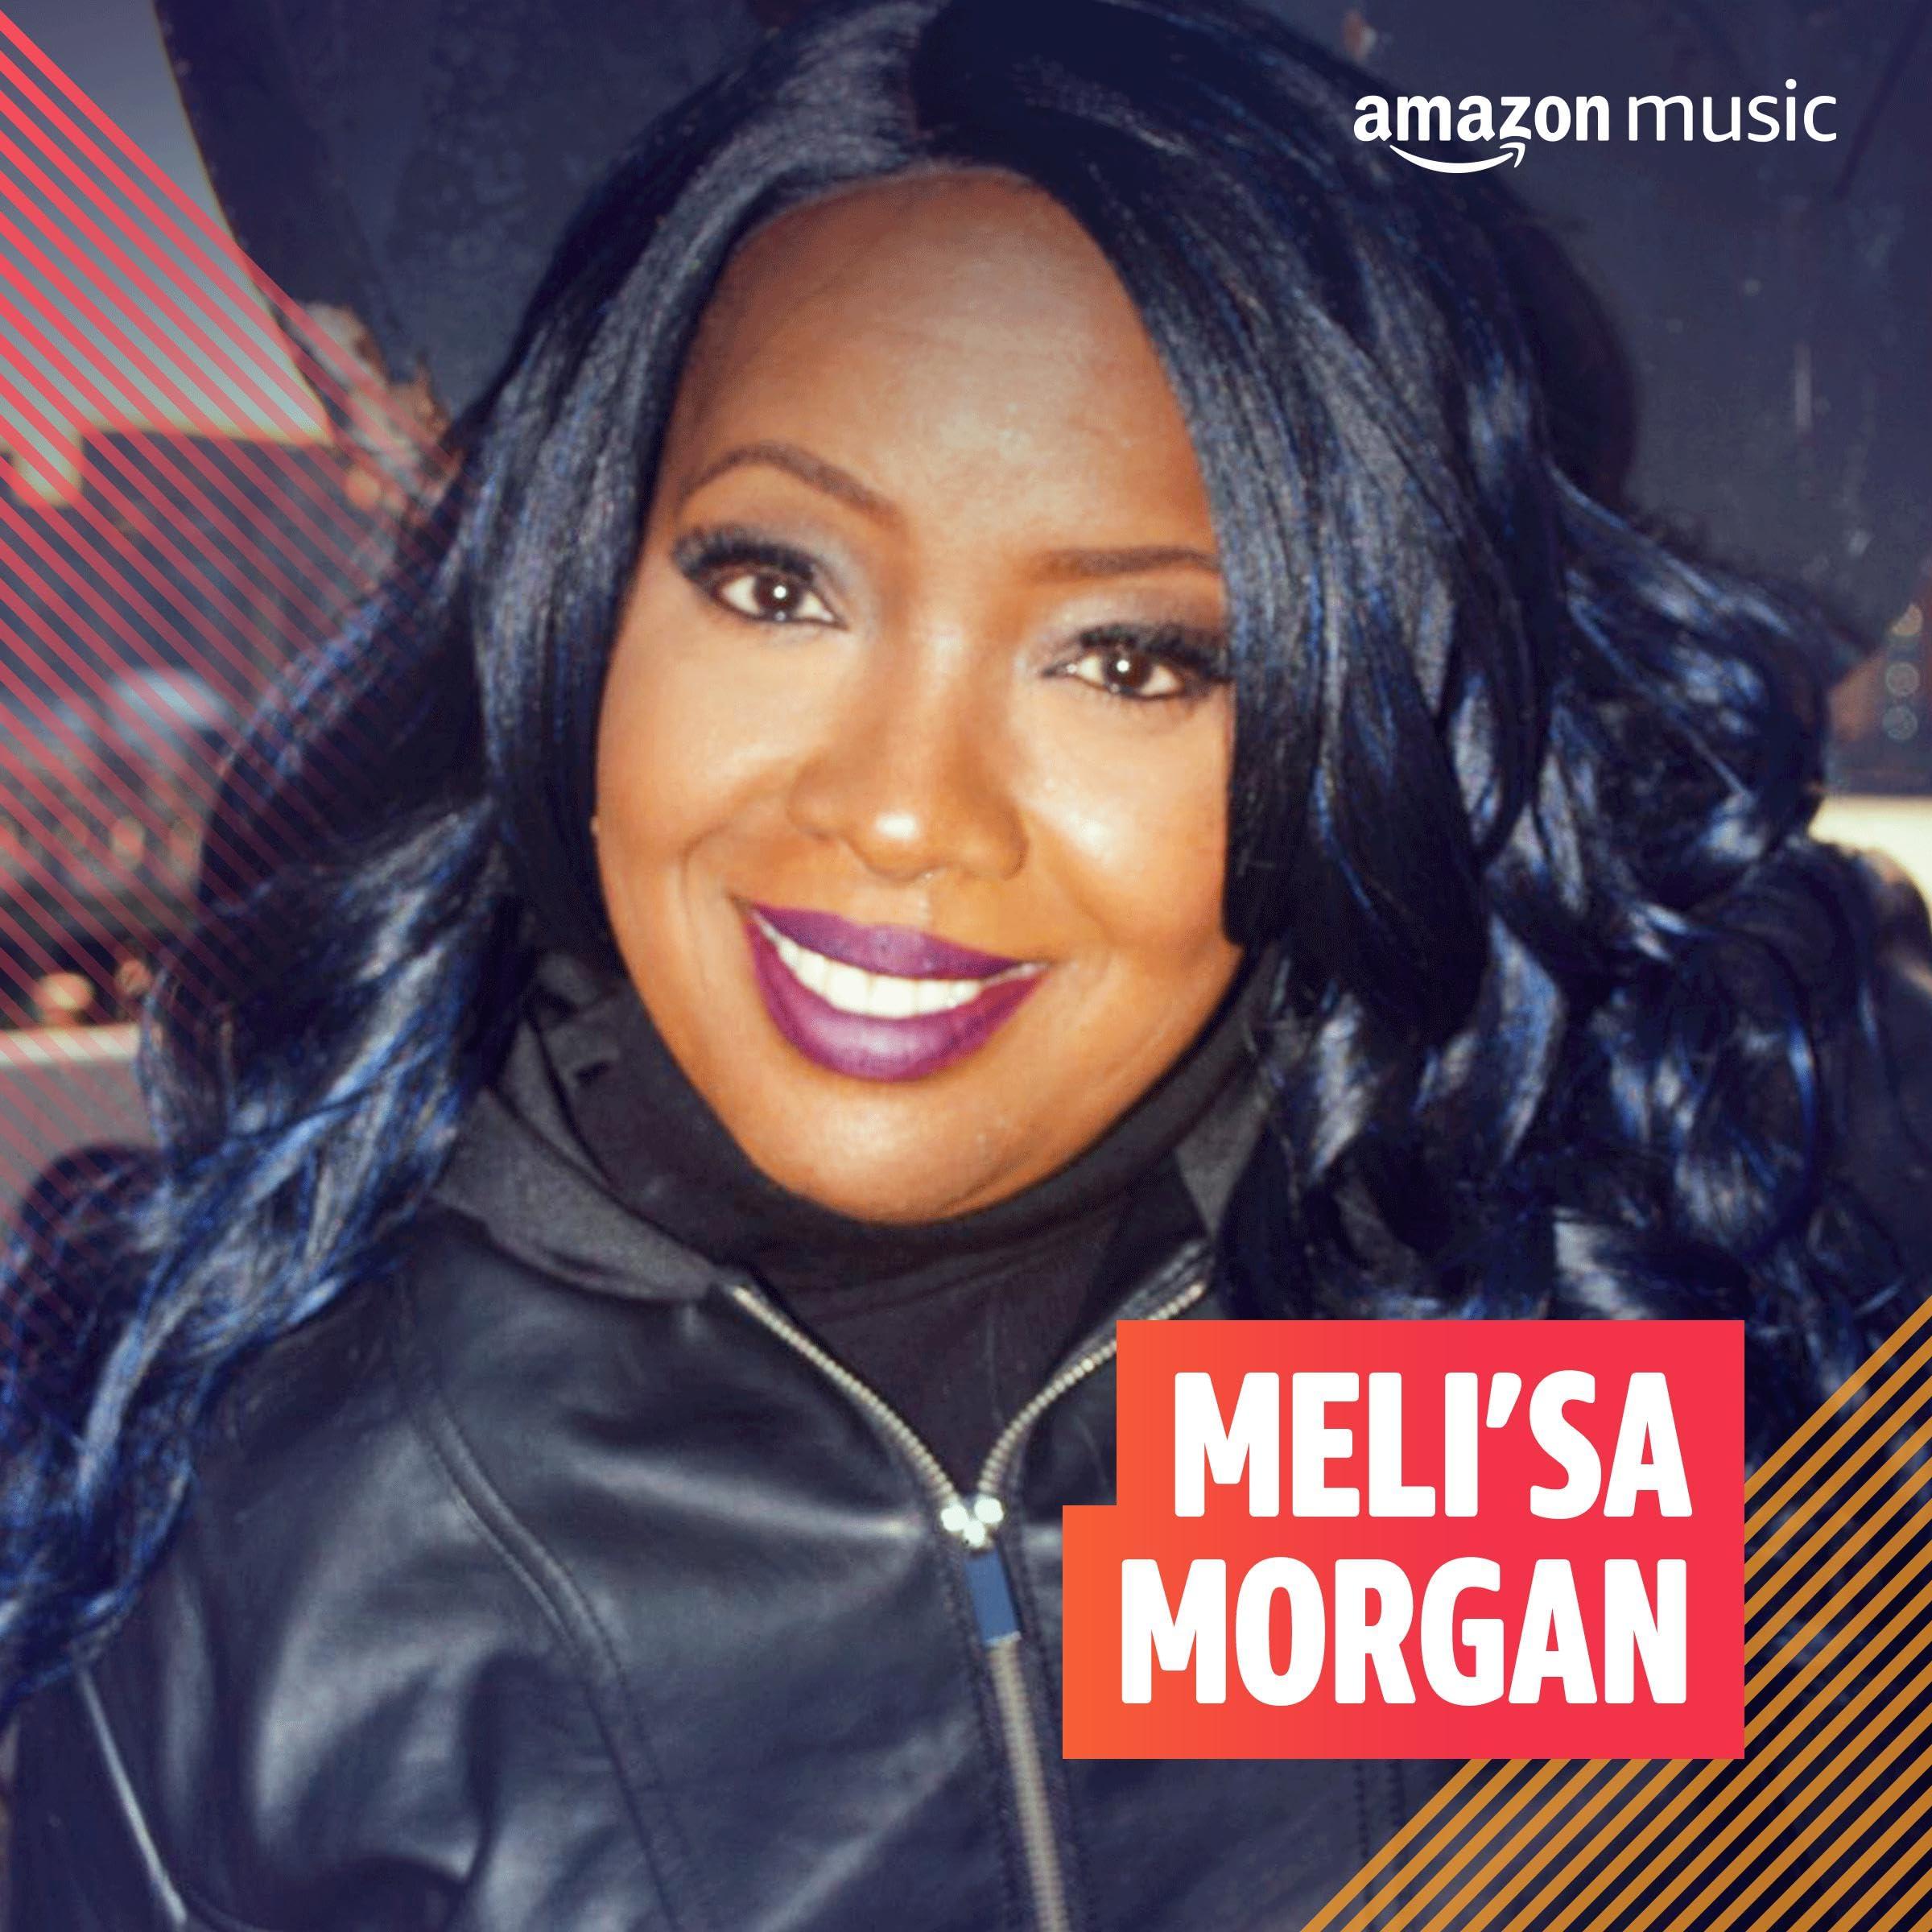 Meli'sa Morgan